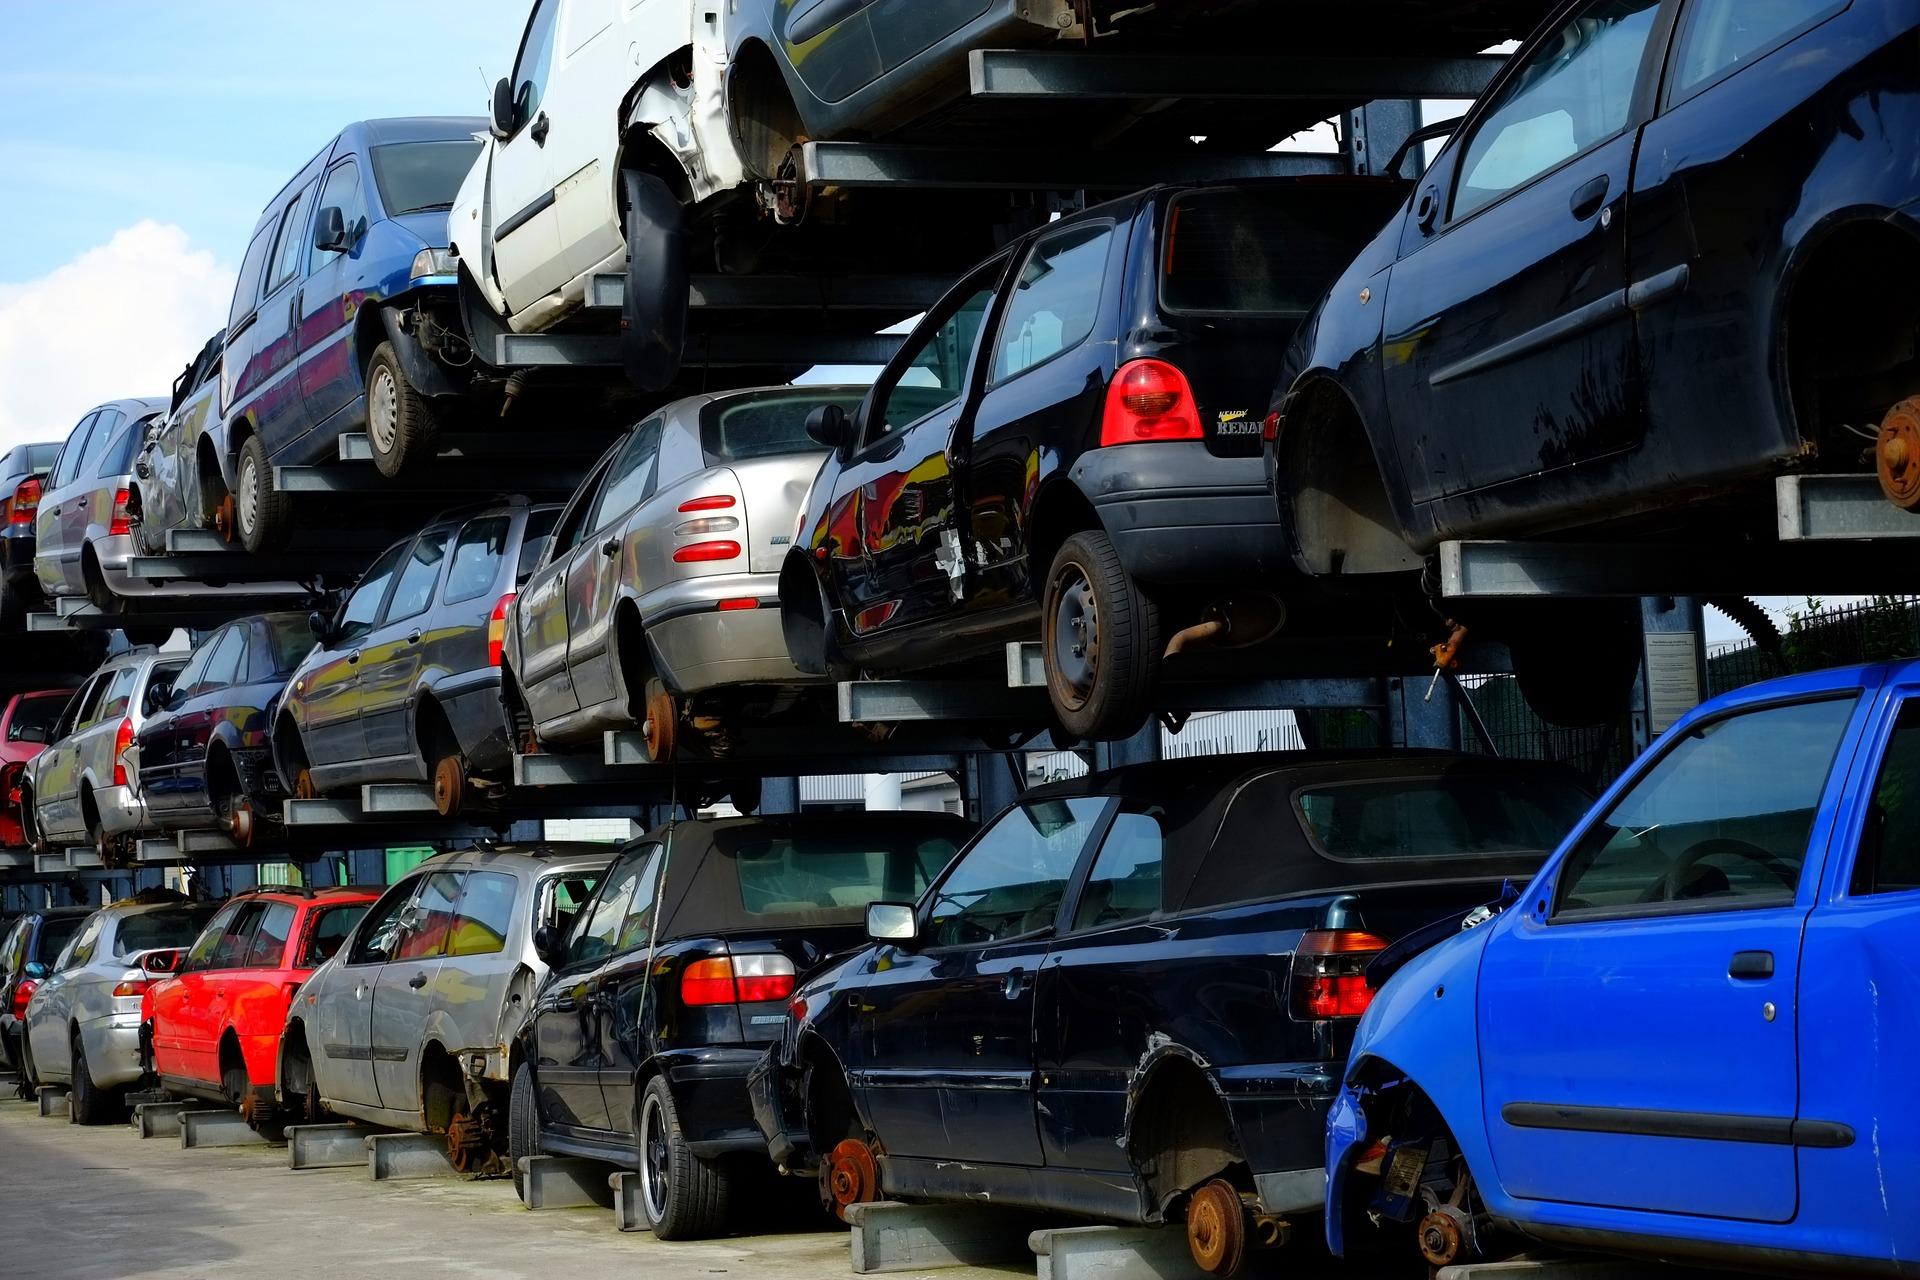 Cars on a car carrier.